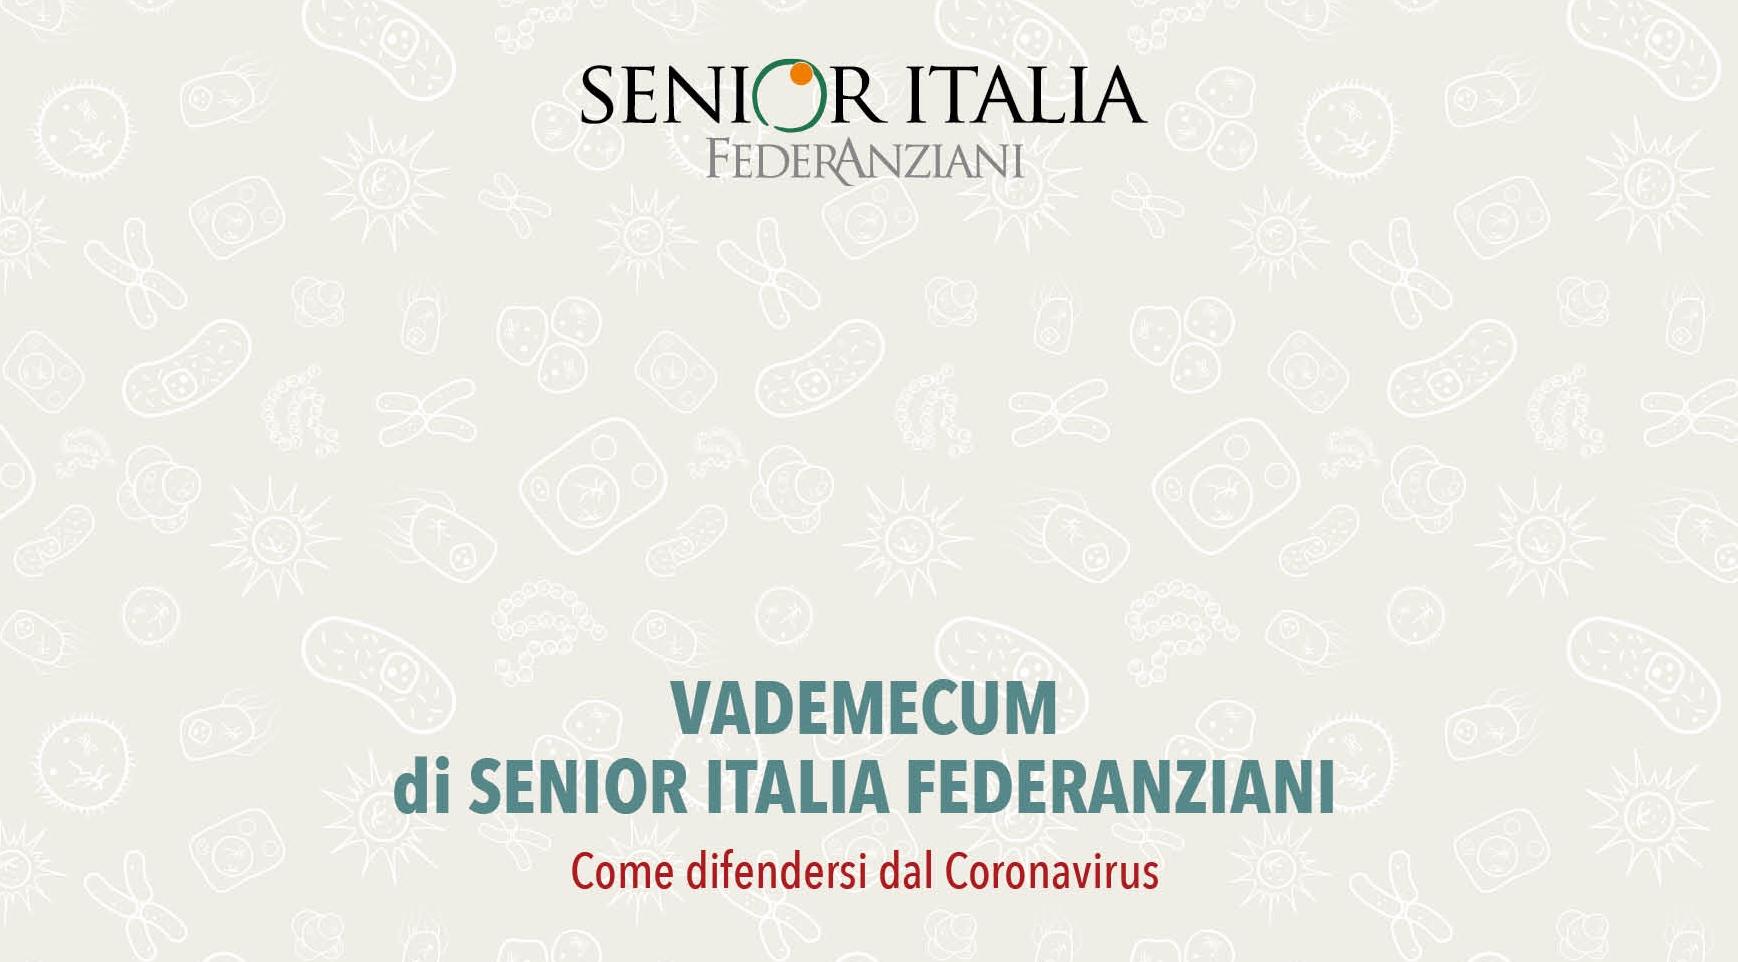 CDI accanto a Senior Italia Federanziani